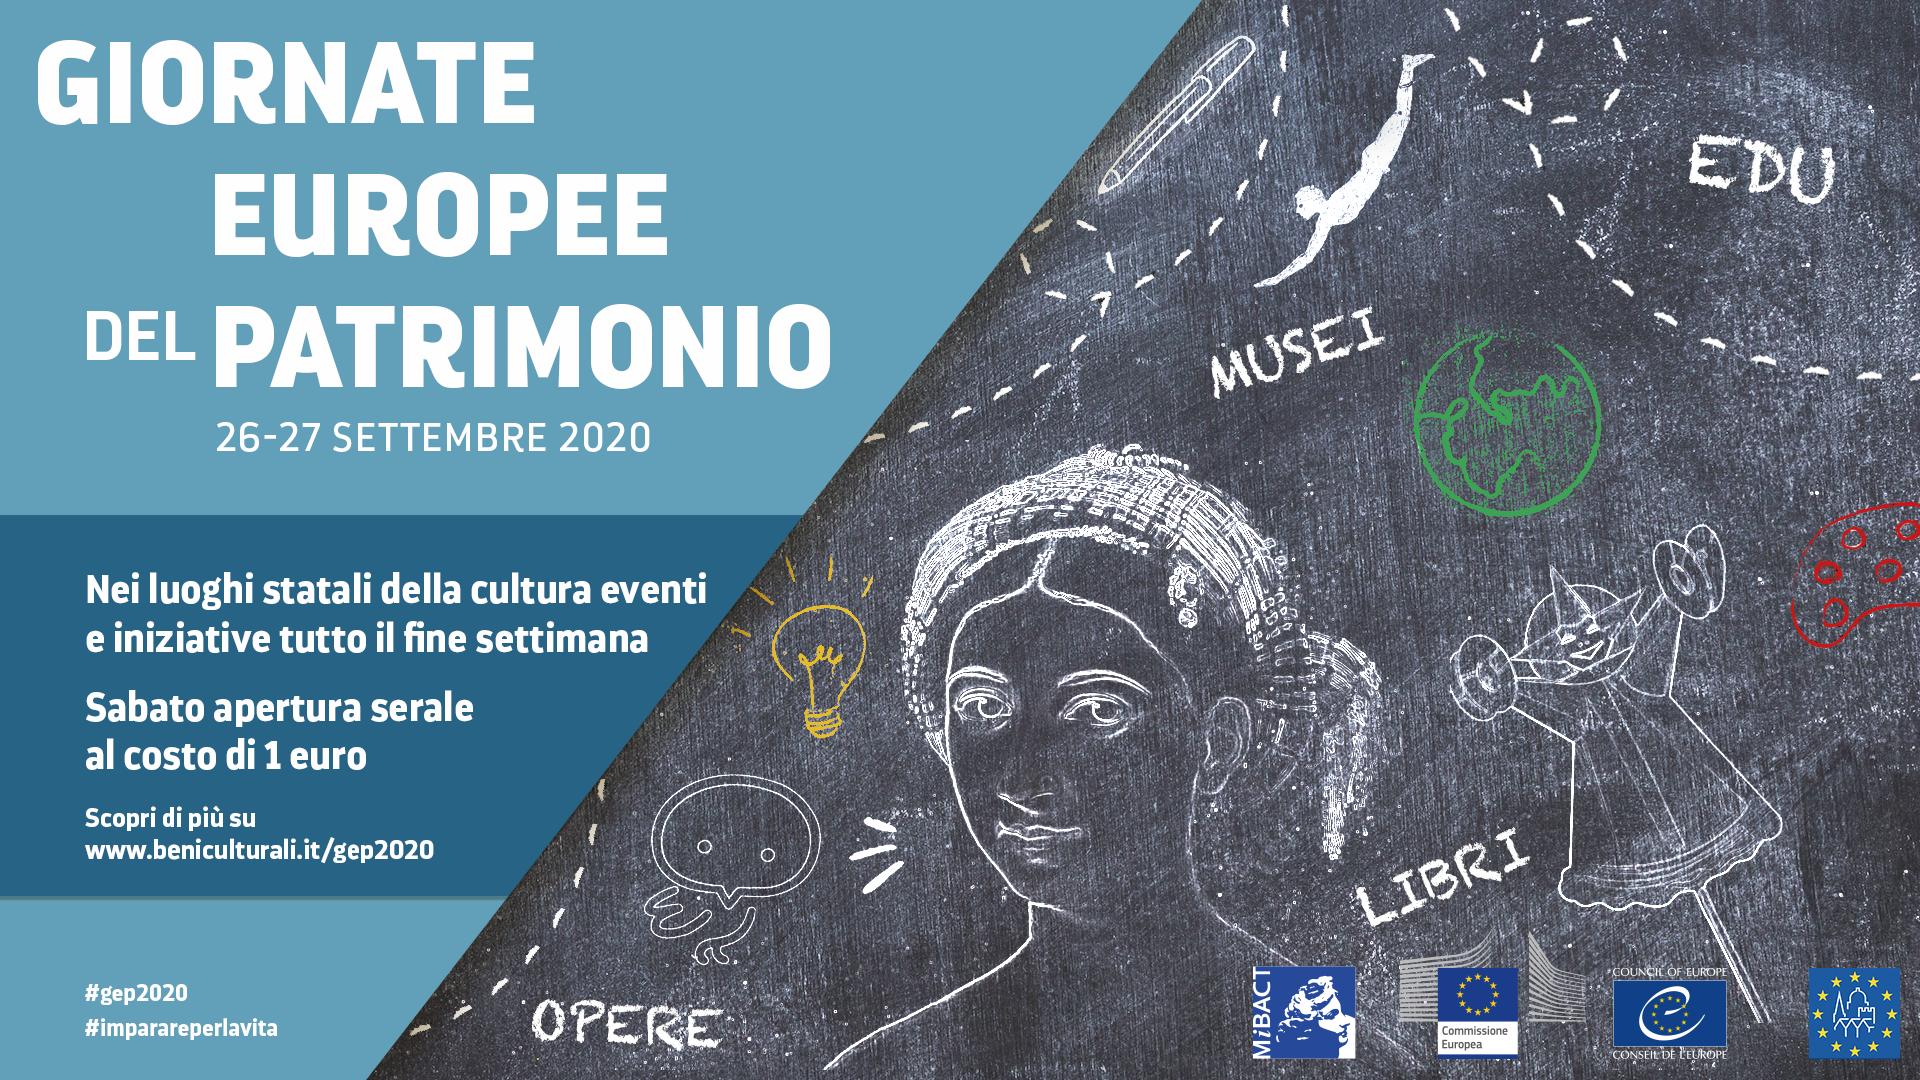 immagine per Giornate Europee del Patrimonio 2020